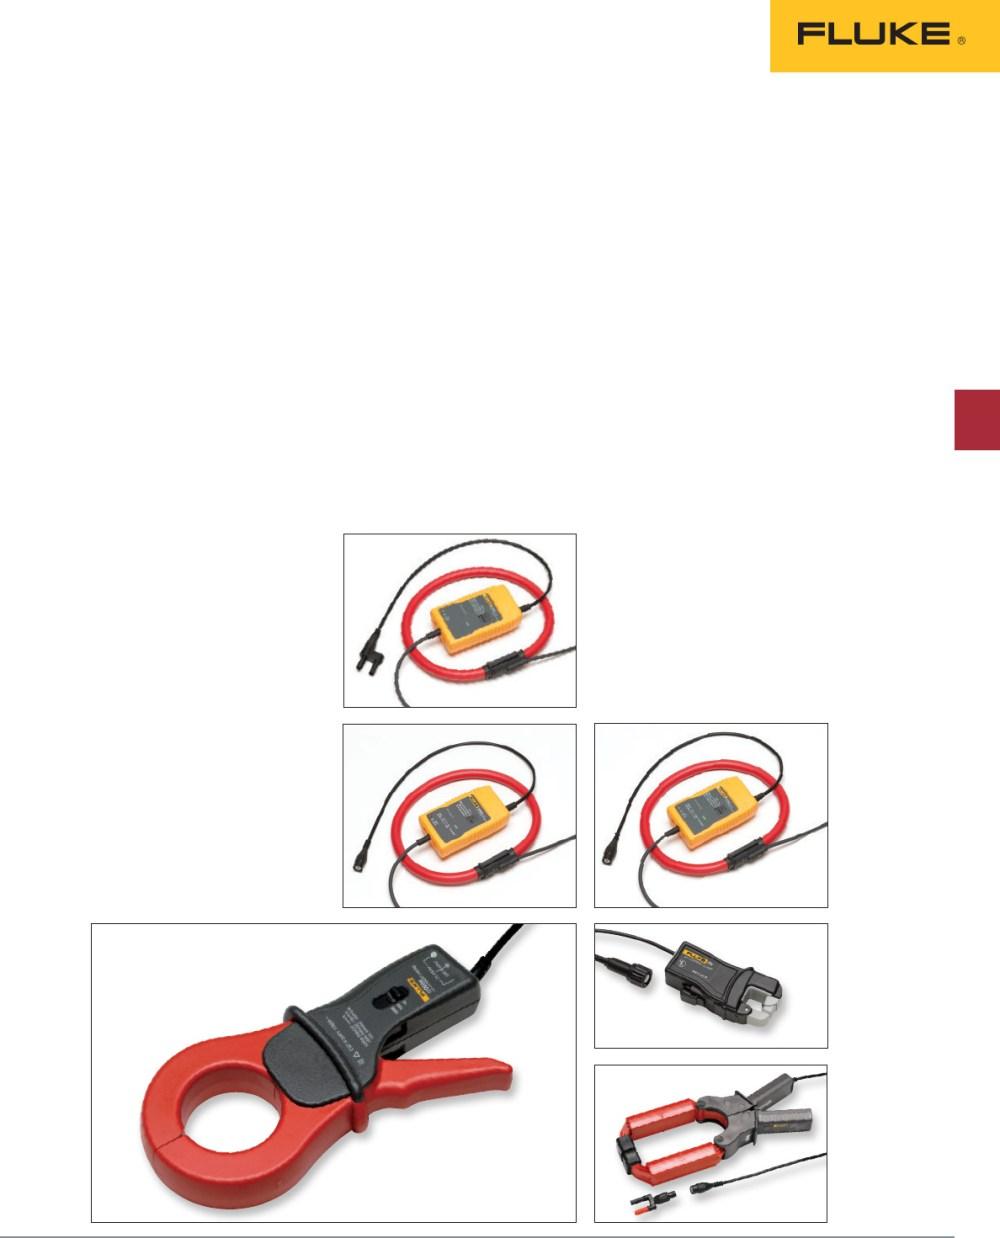 medium resolution of i3000s ac current clamp